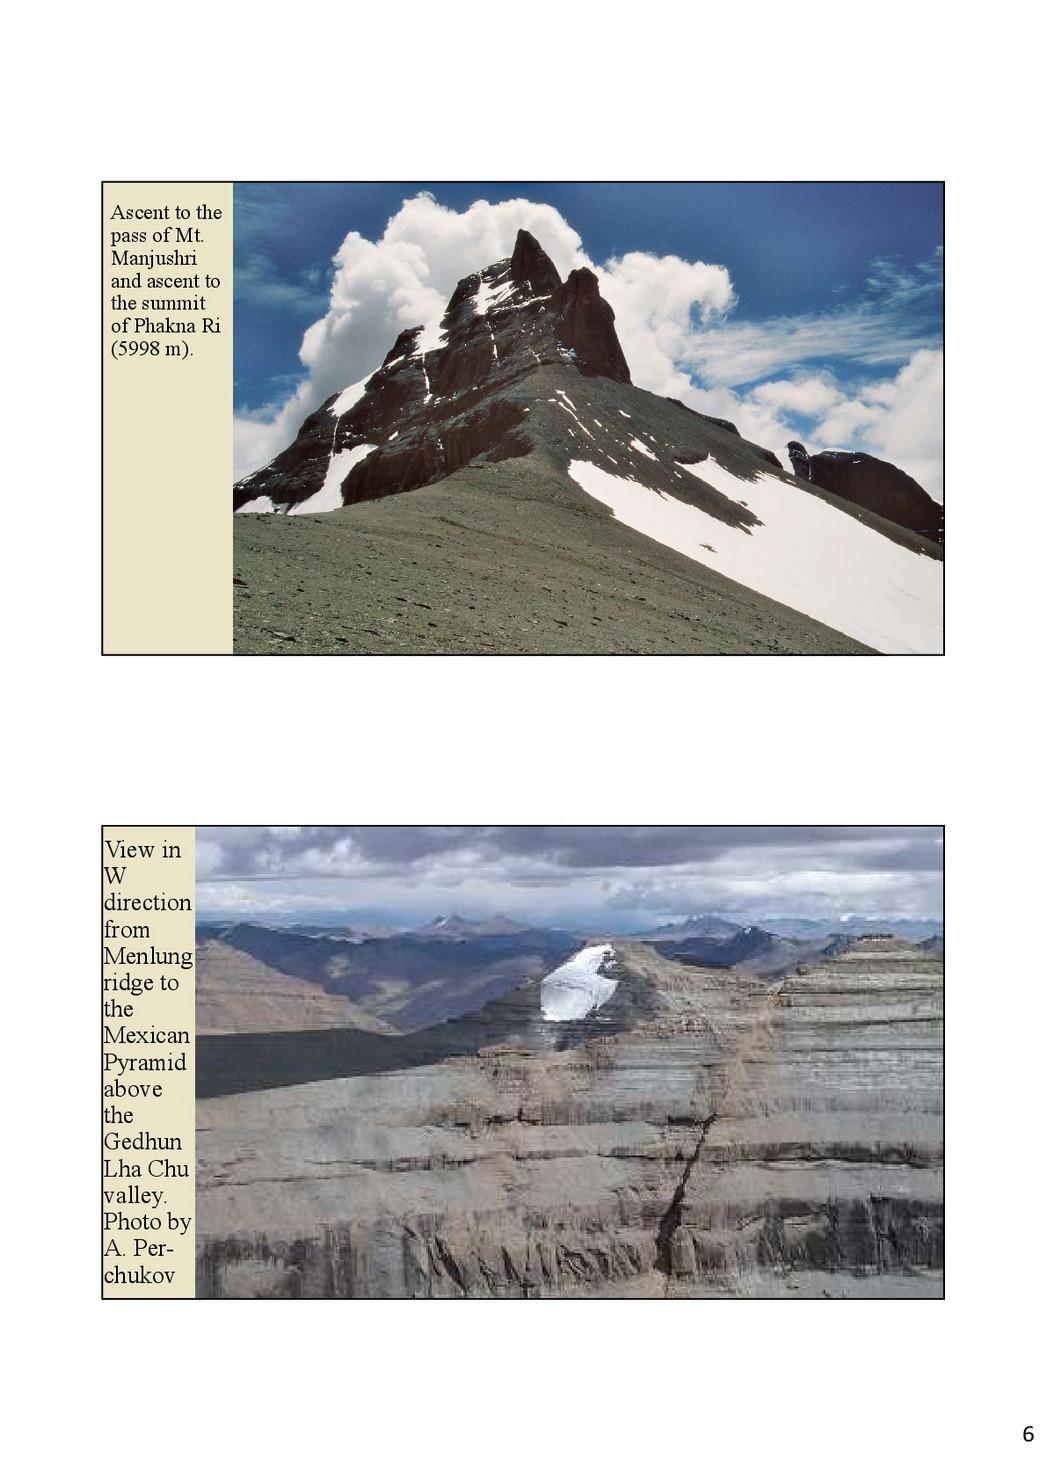 Spiral-Kora-of-Mt.-Kailash-34